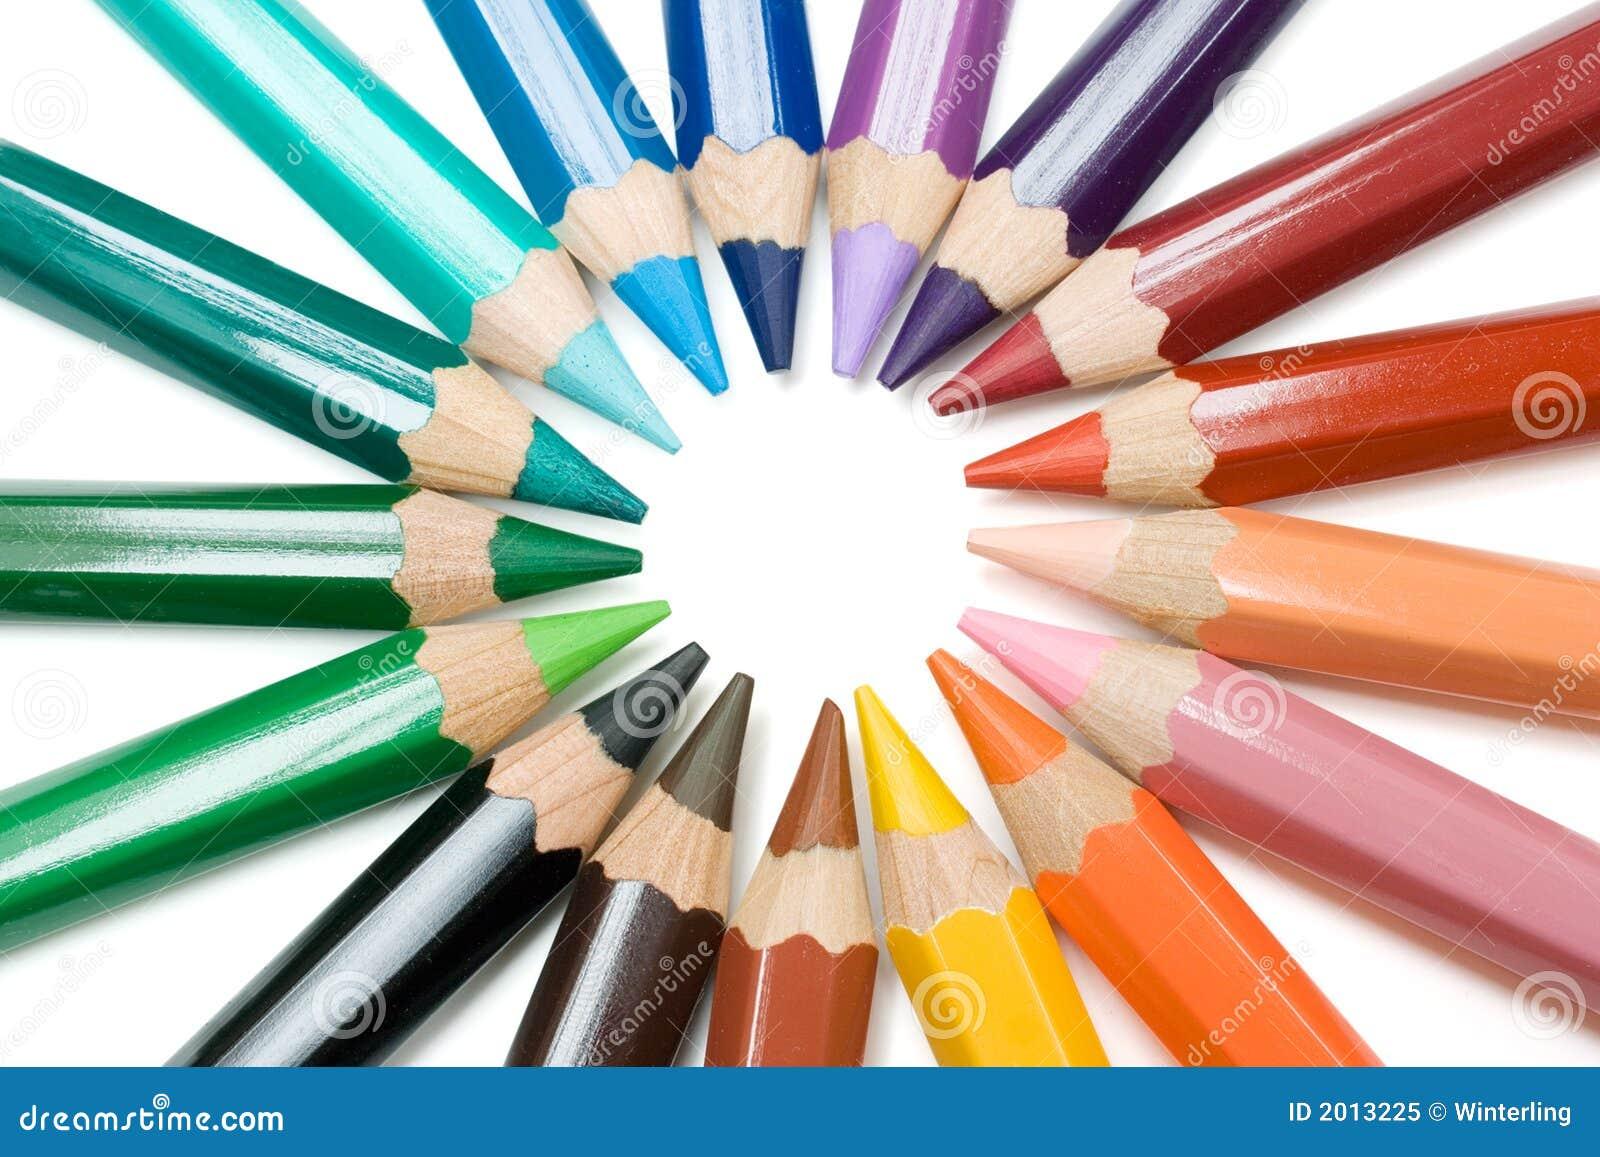 Crayon Colored Circle : Circle of crayons stock image coloring